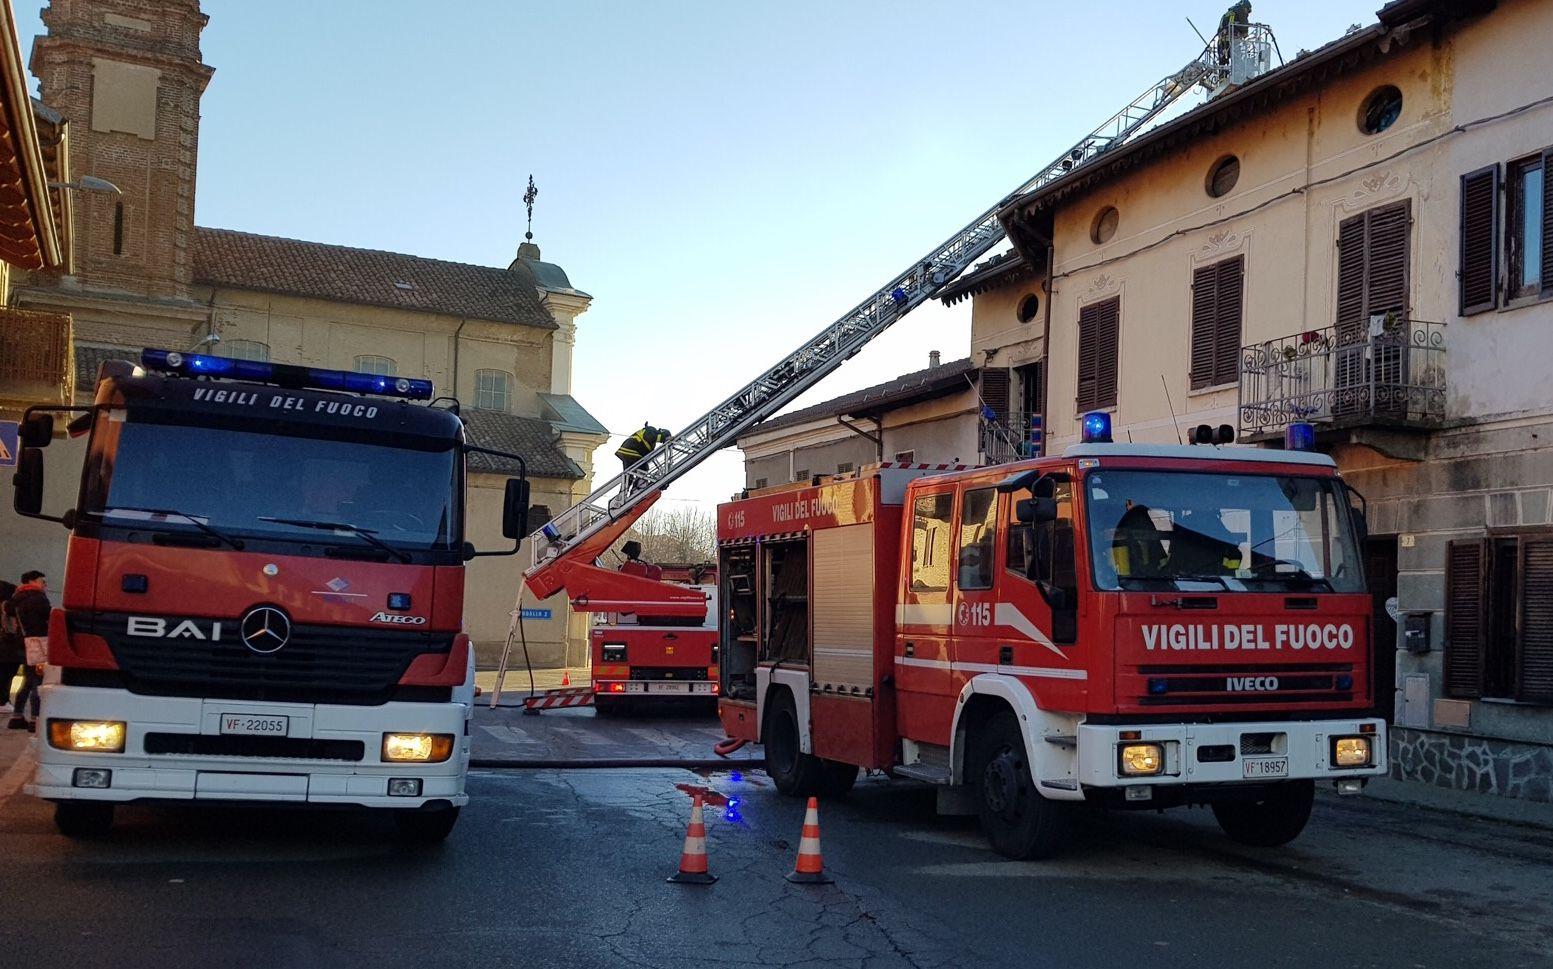 CALUSO - Incendio devasta una casa: cane salvato - FOTO E VIDEO